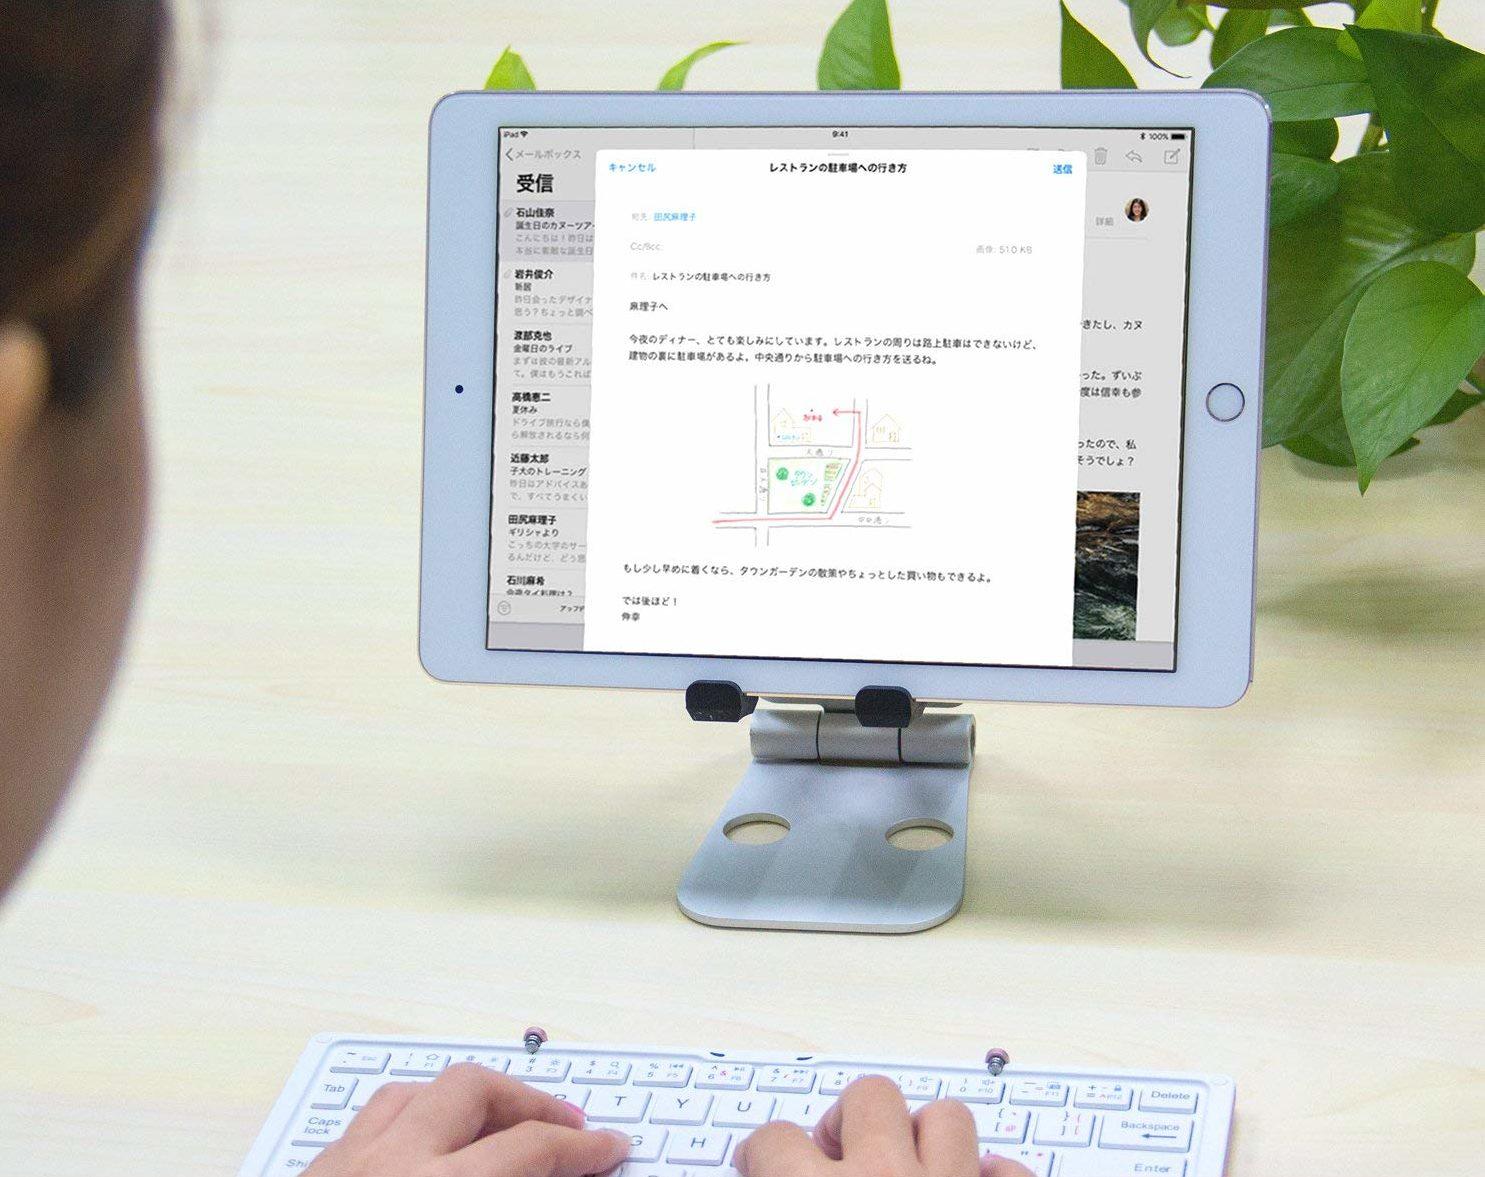 「BK-03」をiPadに接続して使用している様子